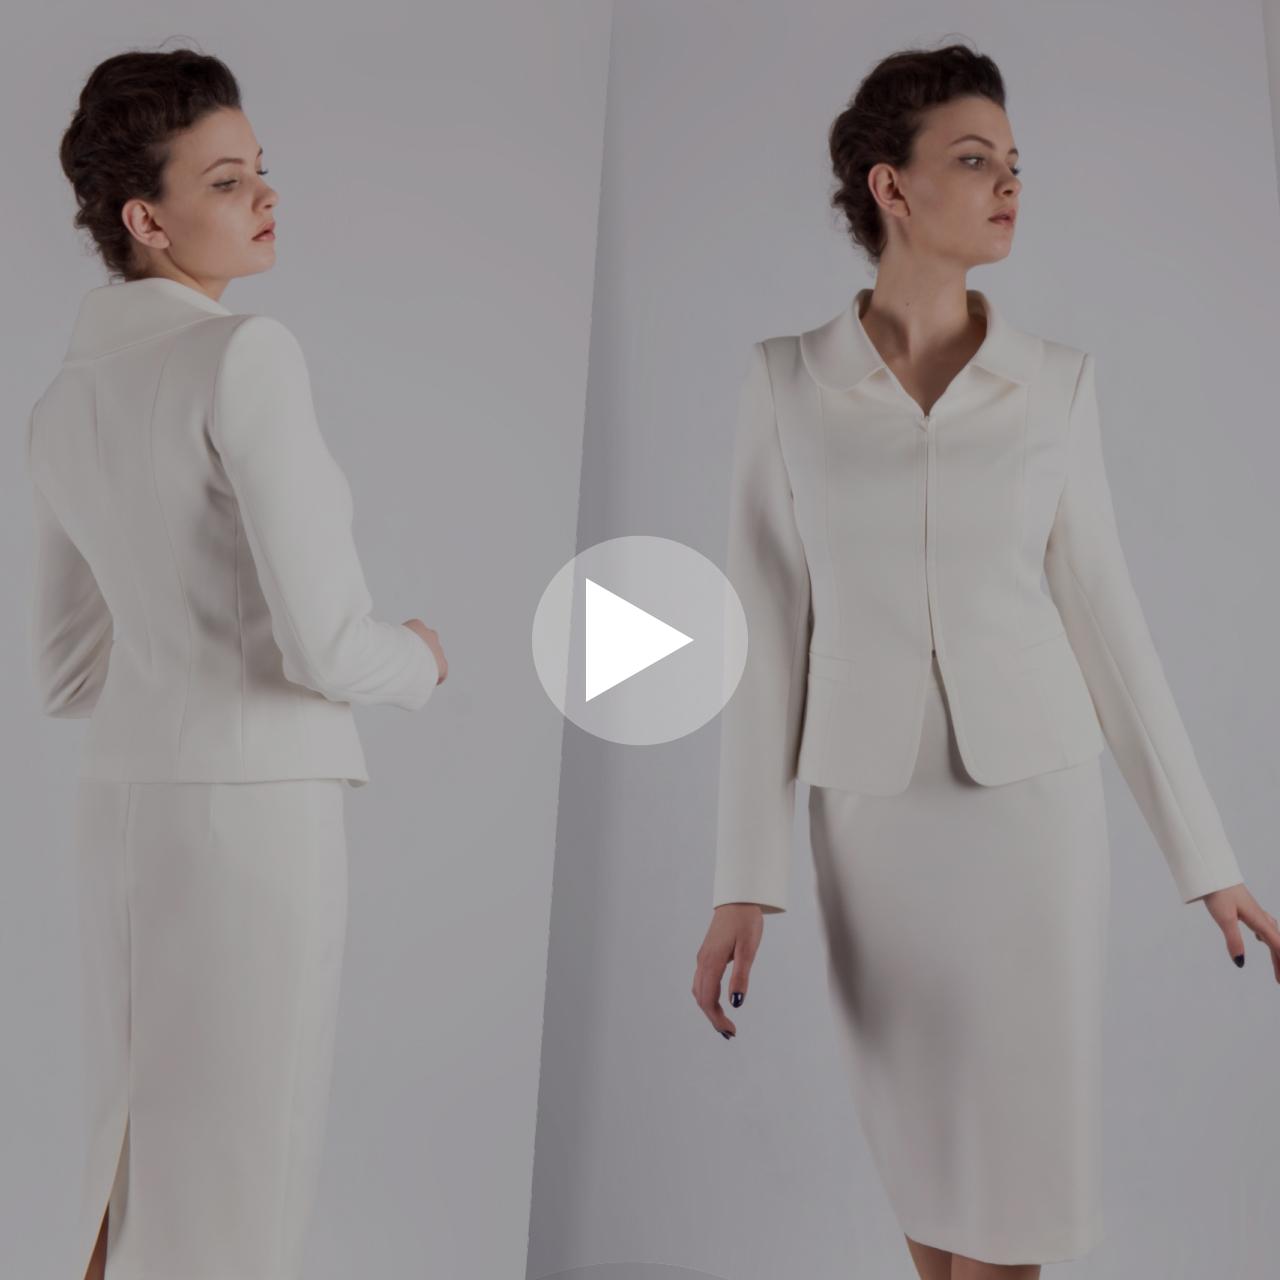 Ekskluzywny kostium damski szyty na miarę u projektantki mody z De Marco. Ekskluzywna odzież wizytowa w sklepie internetowym. Video prezentacja śmietanowego kompletu żakiet ze spódnicą.